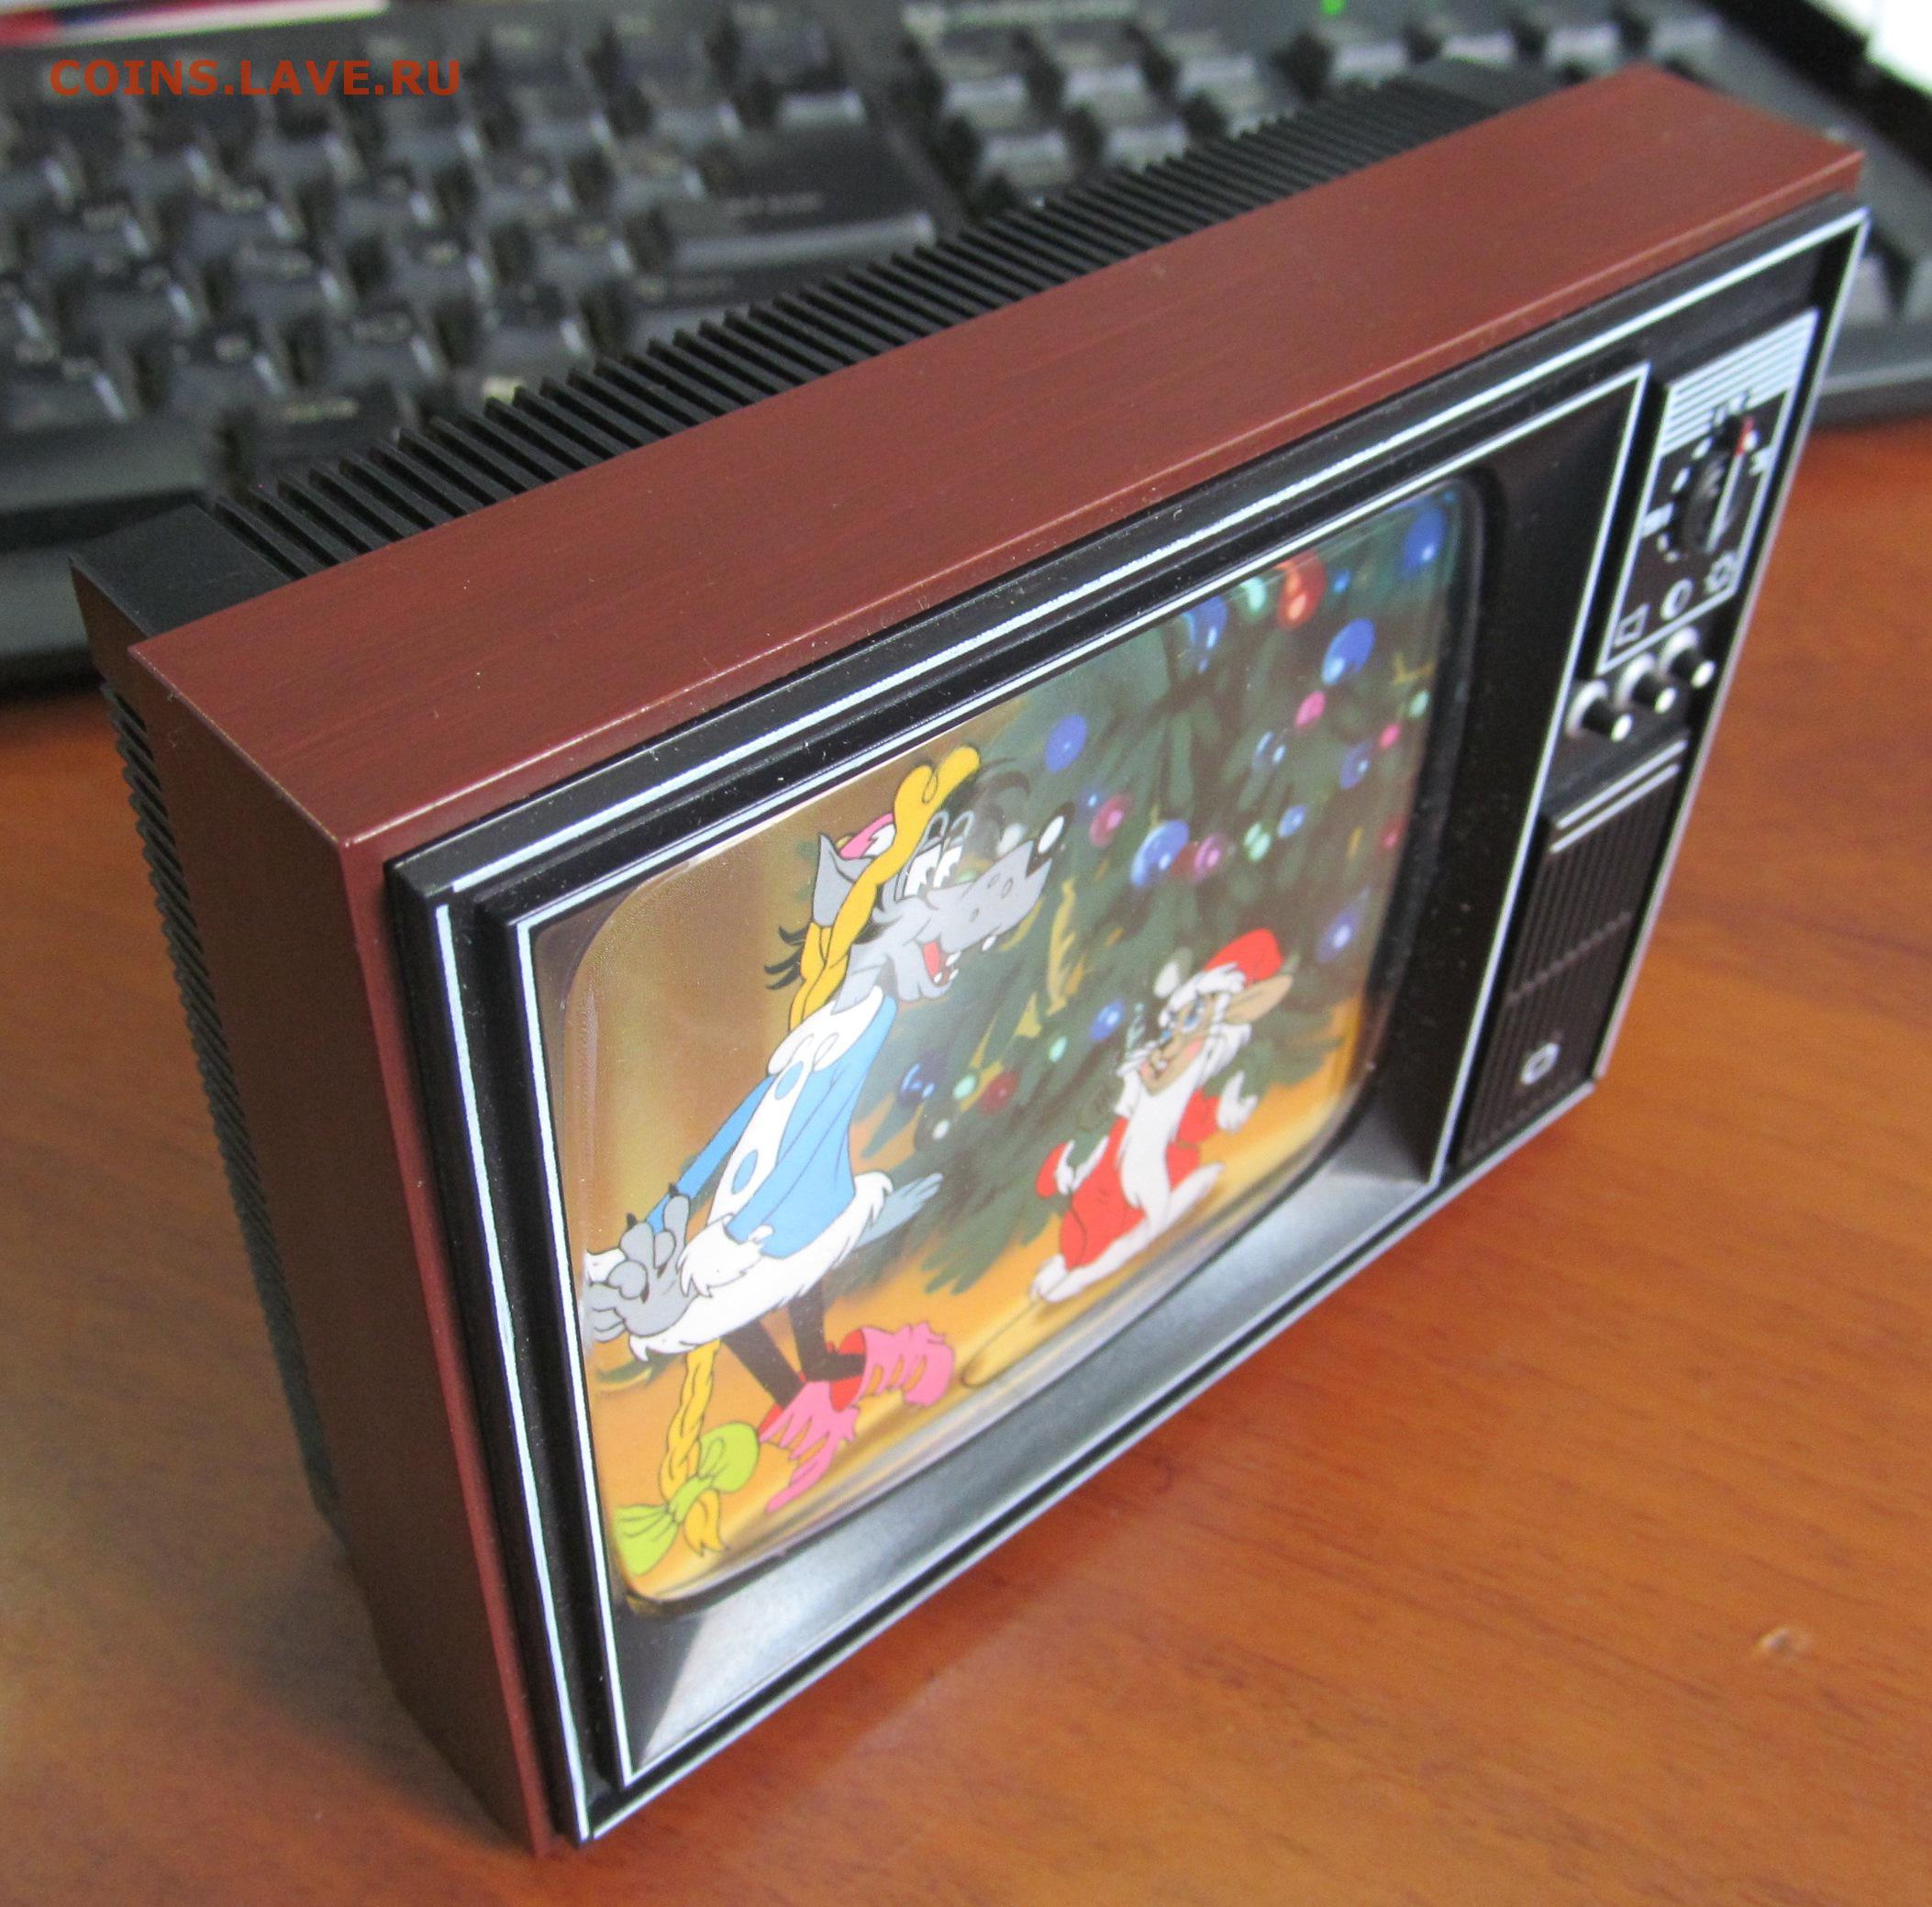 Что и как можно сделать из старого телевизора? Когда умелые руки лучше 13